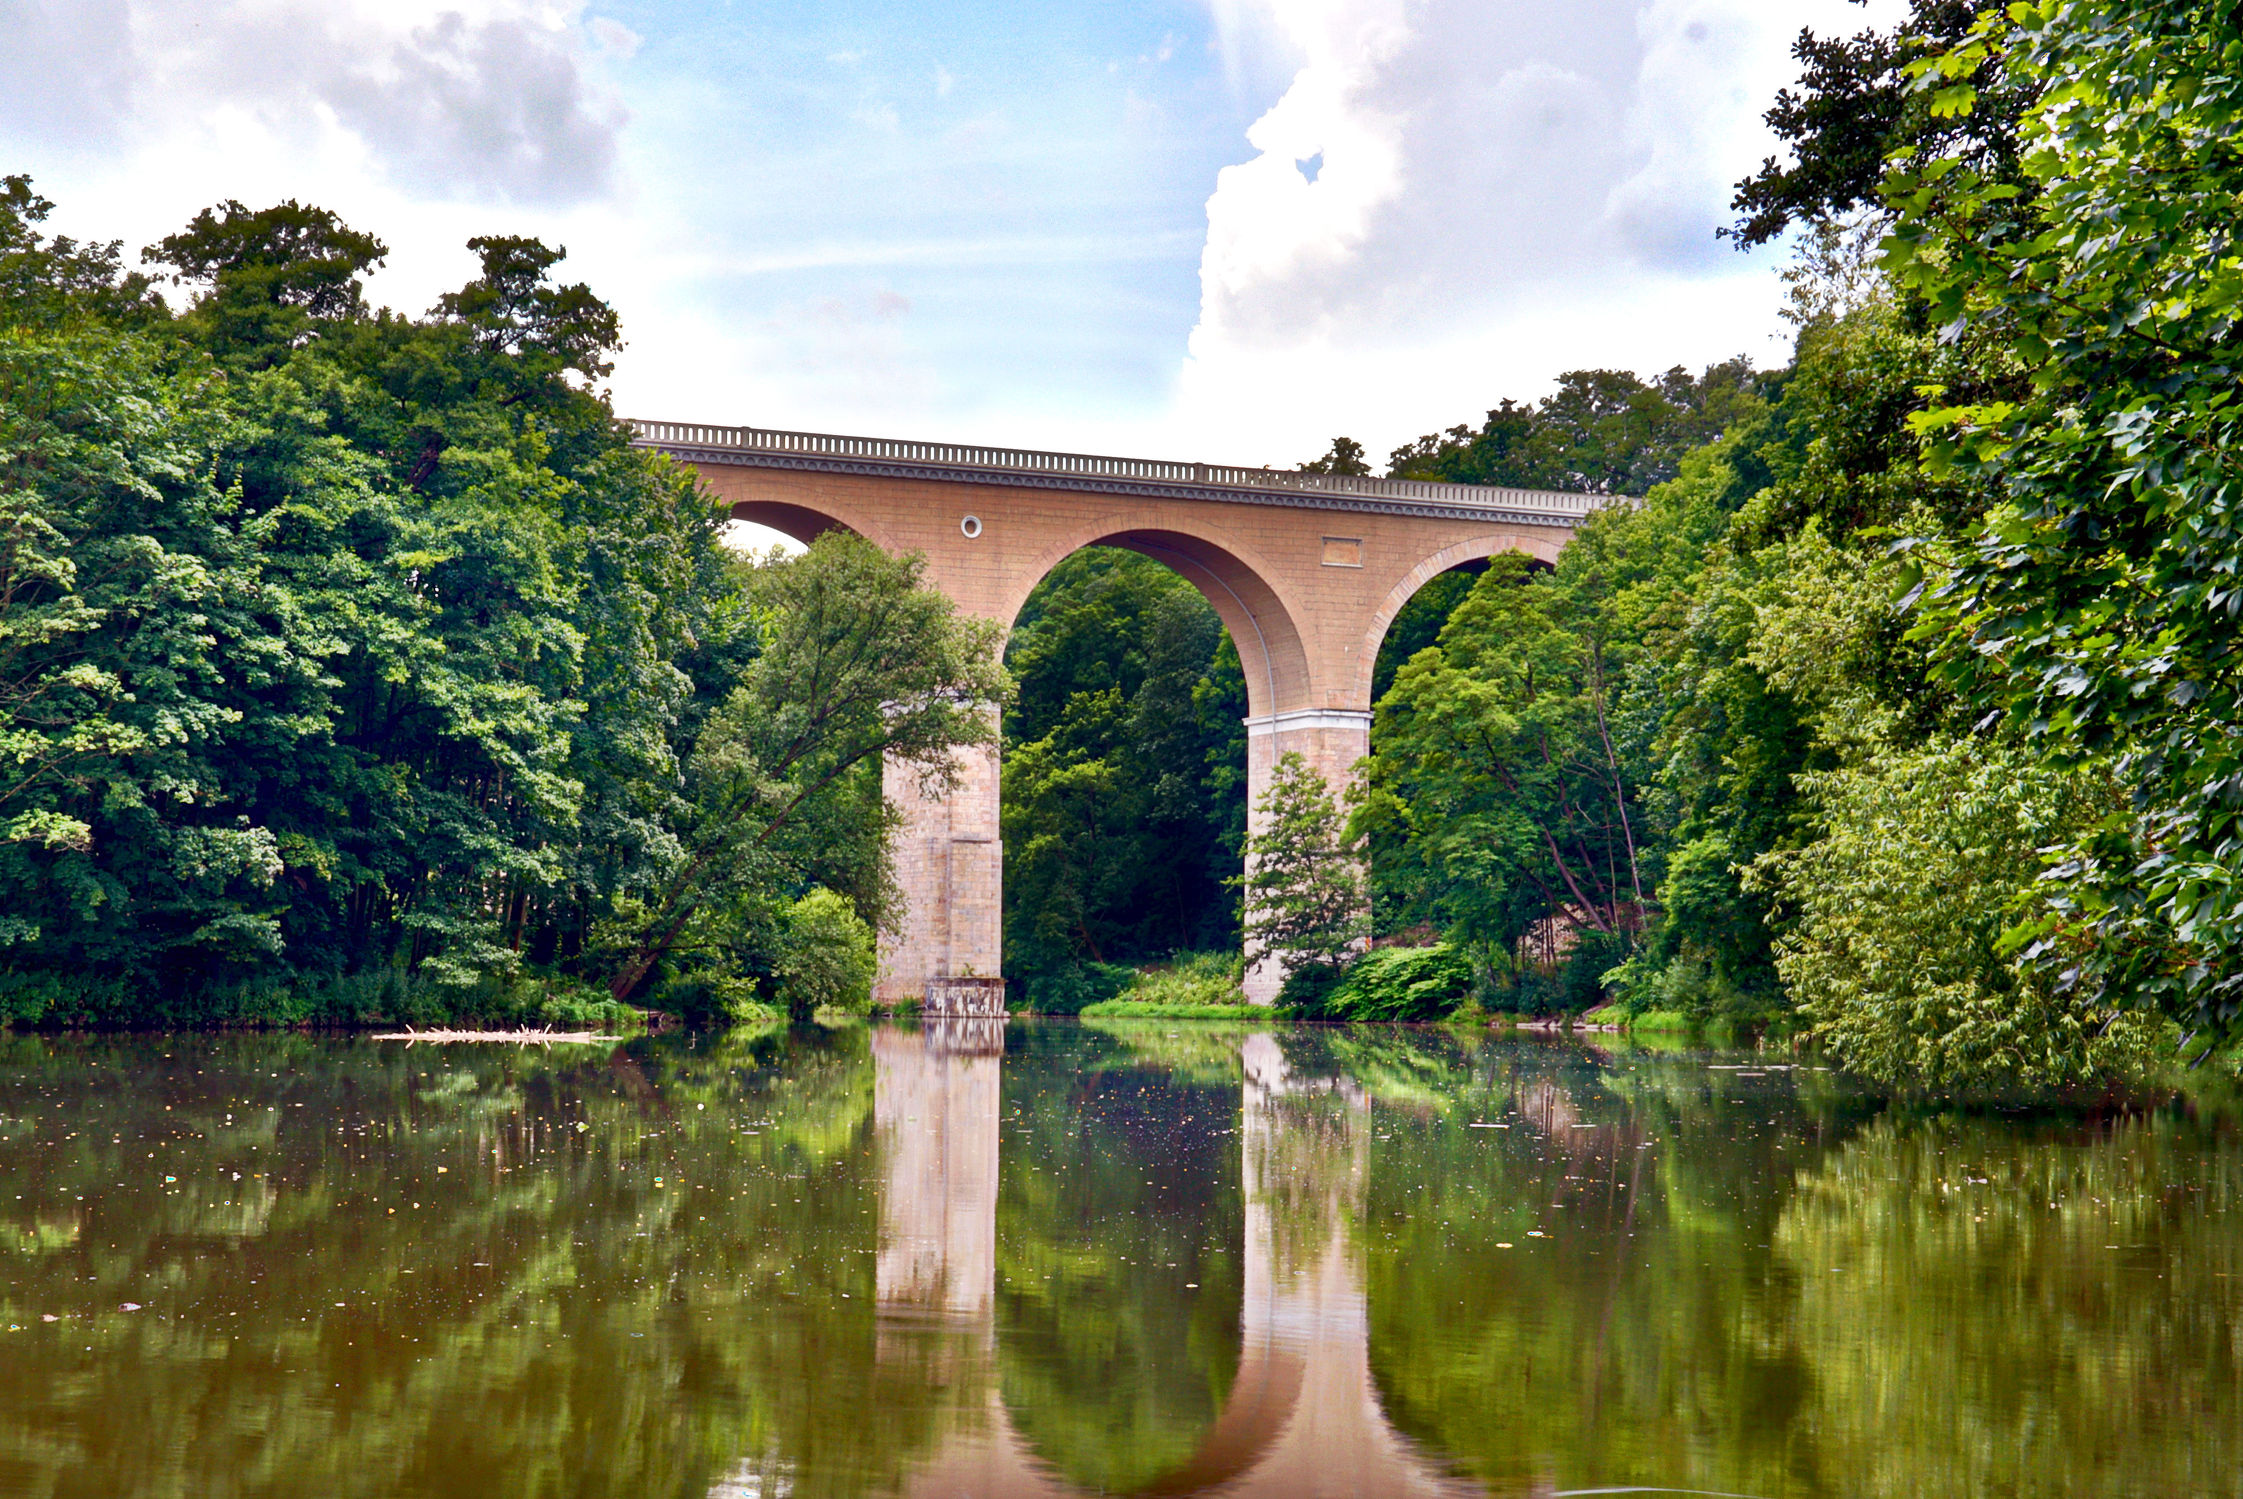 Bild mit Architektur, Bauwerke, Brücken, Landschaft, Görlitz, Brücke, landscape, Oberlausitz, bridge, viadukt